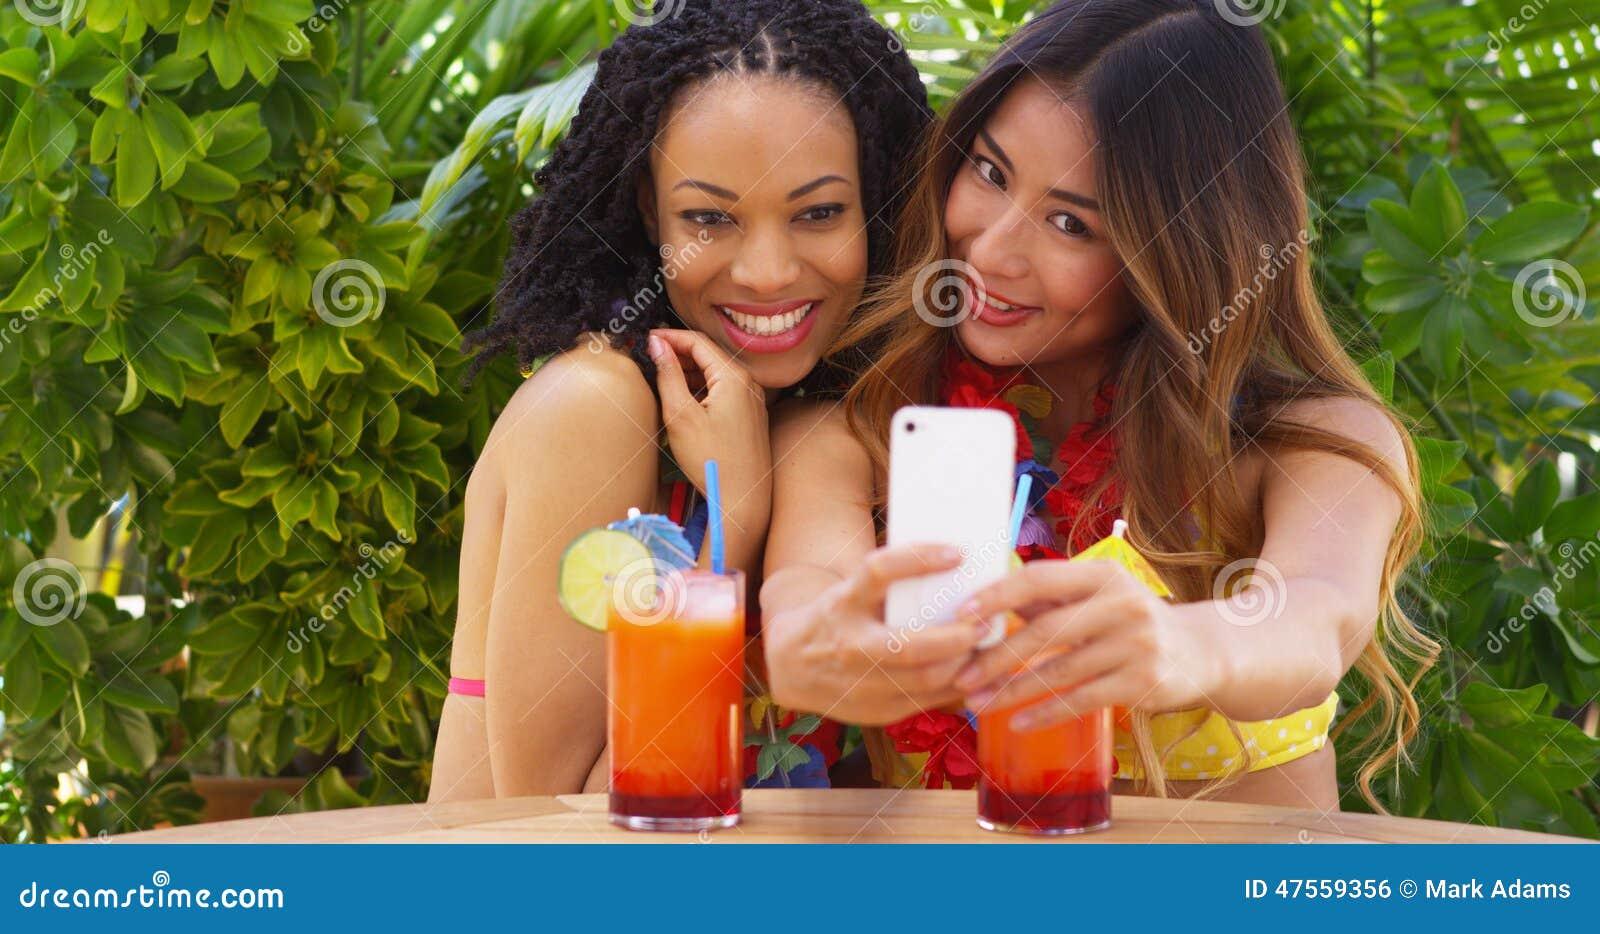 采取与手机的黑人和亚裔妇女中景selfie,当热带假期时.